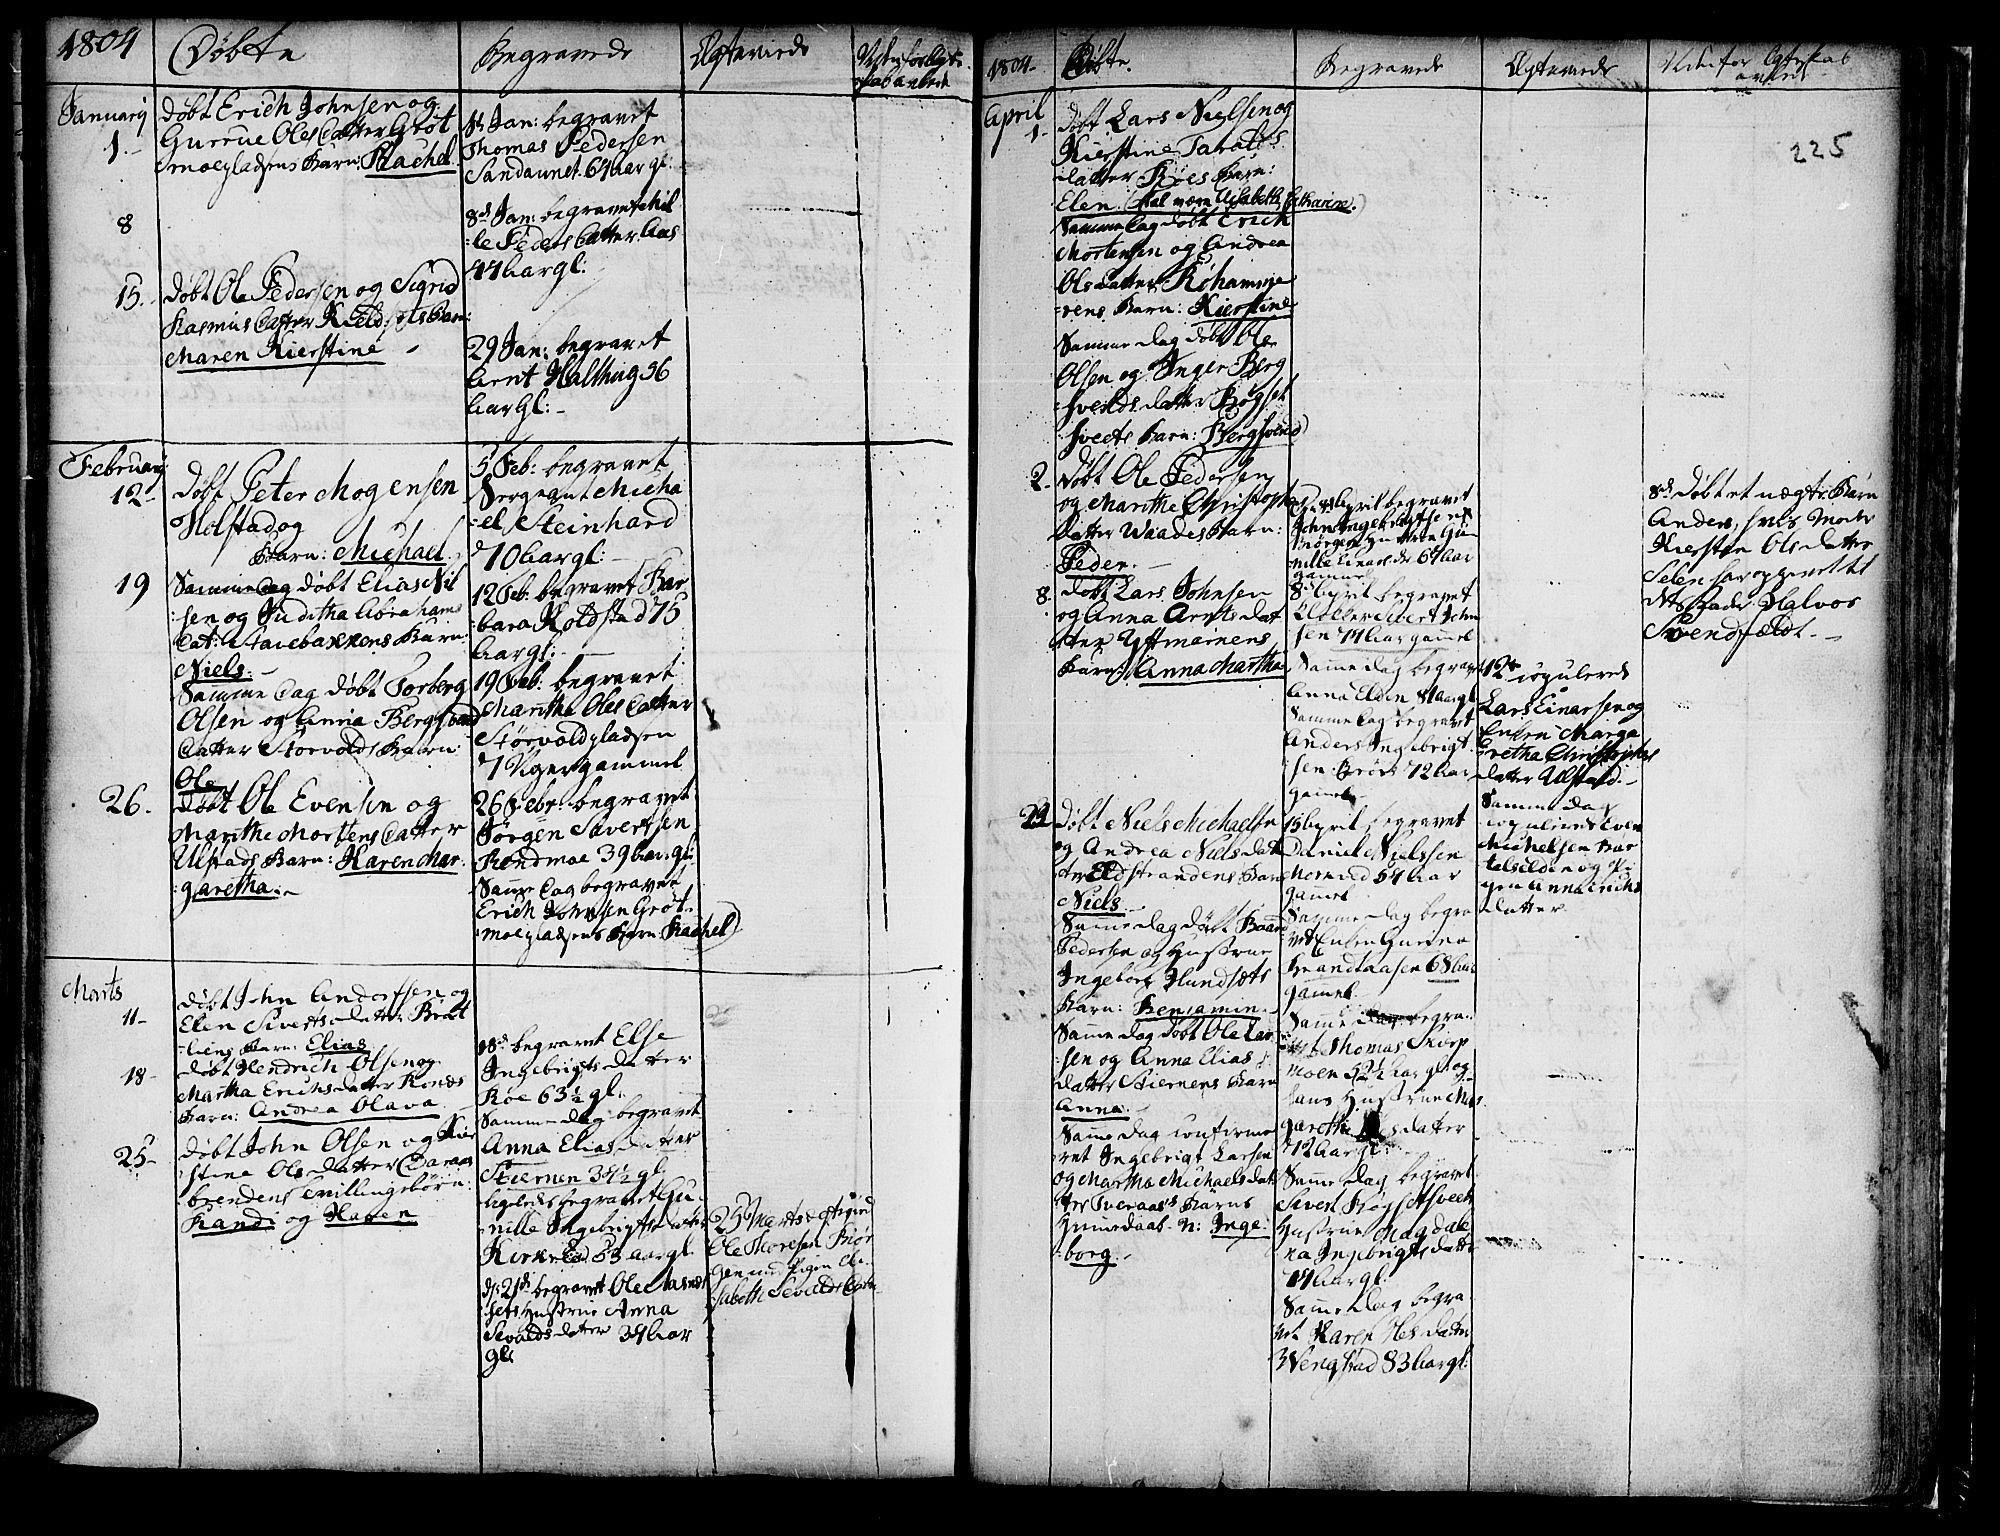 SAT, Ministerialprotokoller, klokkerbøker og fødselsregistre - Nord-Trøndelag, 741/L0385: Ministerialbok nr. 741A01, 1722-1815, s. 225